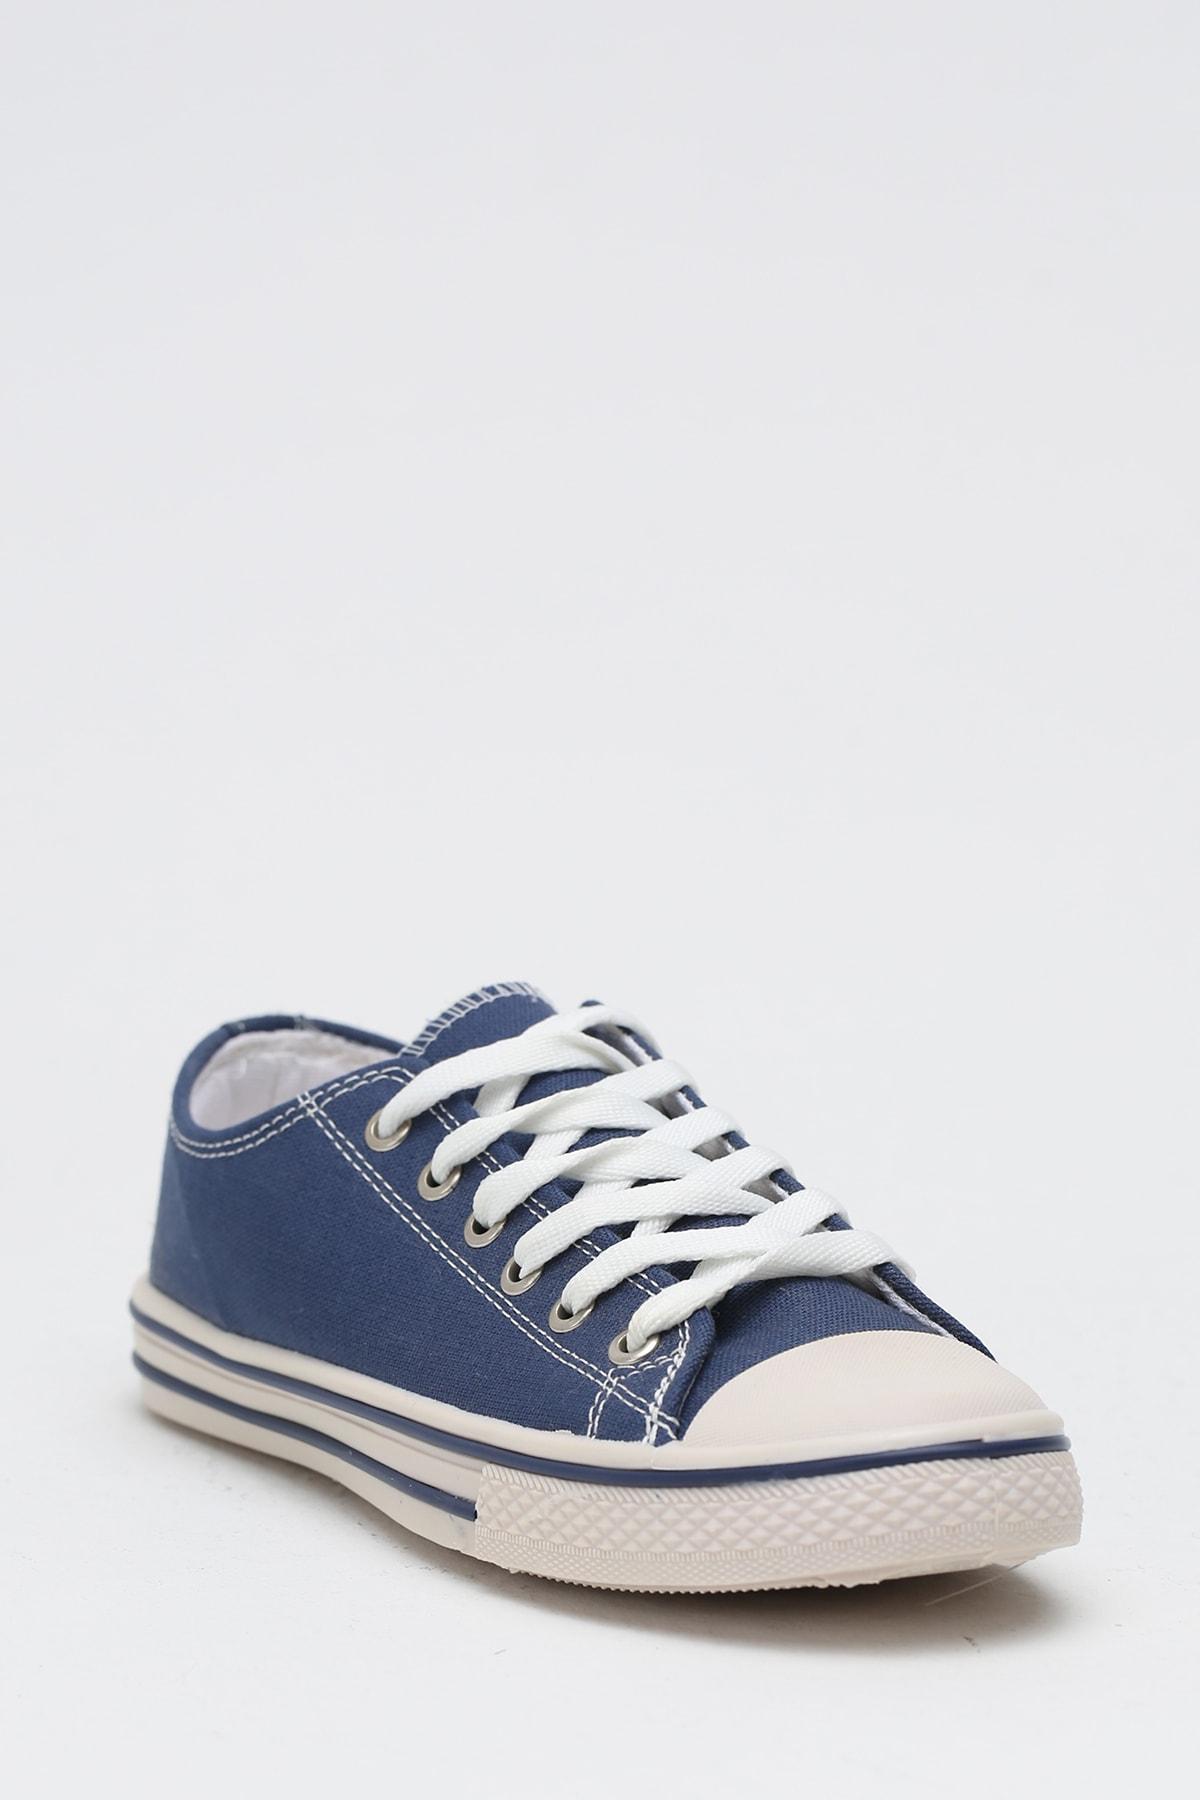 Ayakkabı Modası K.Lacivert Kadın Ayakkabı M9999-19-100165R 2